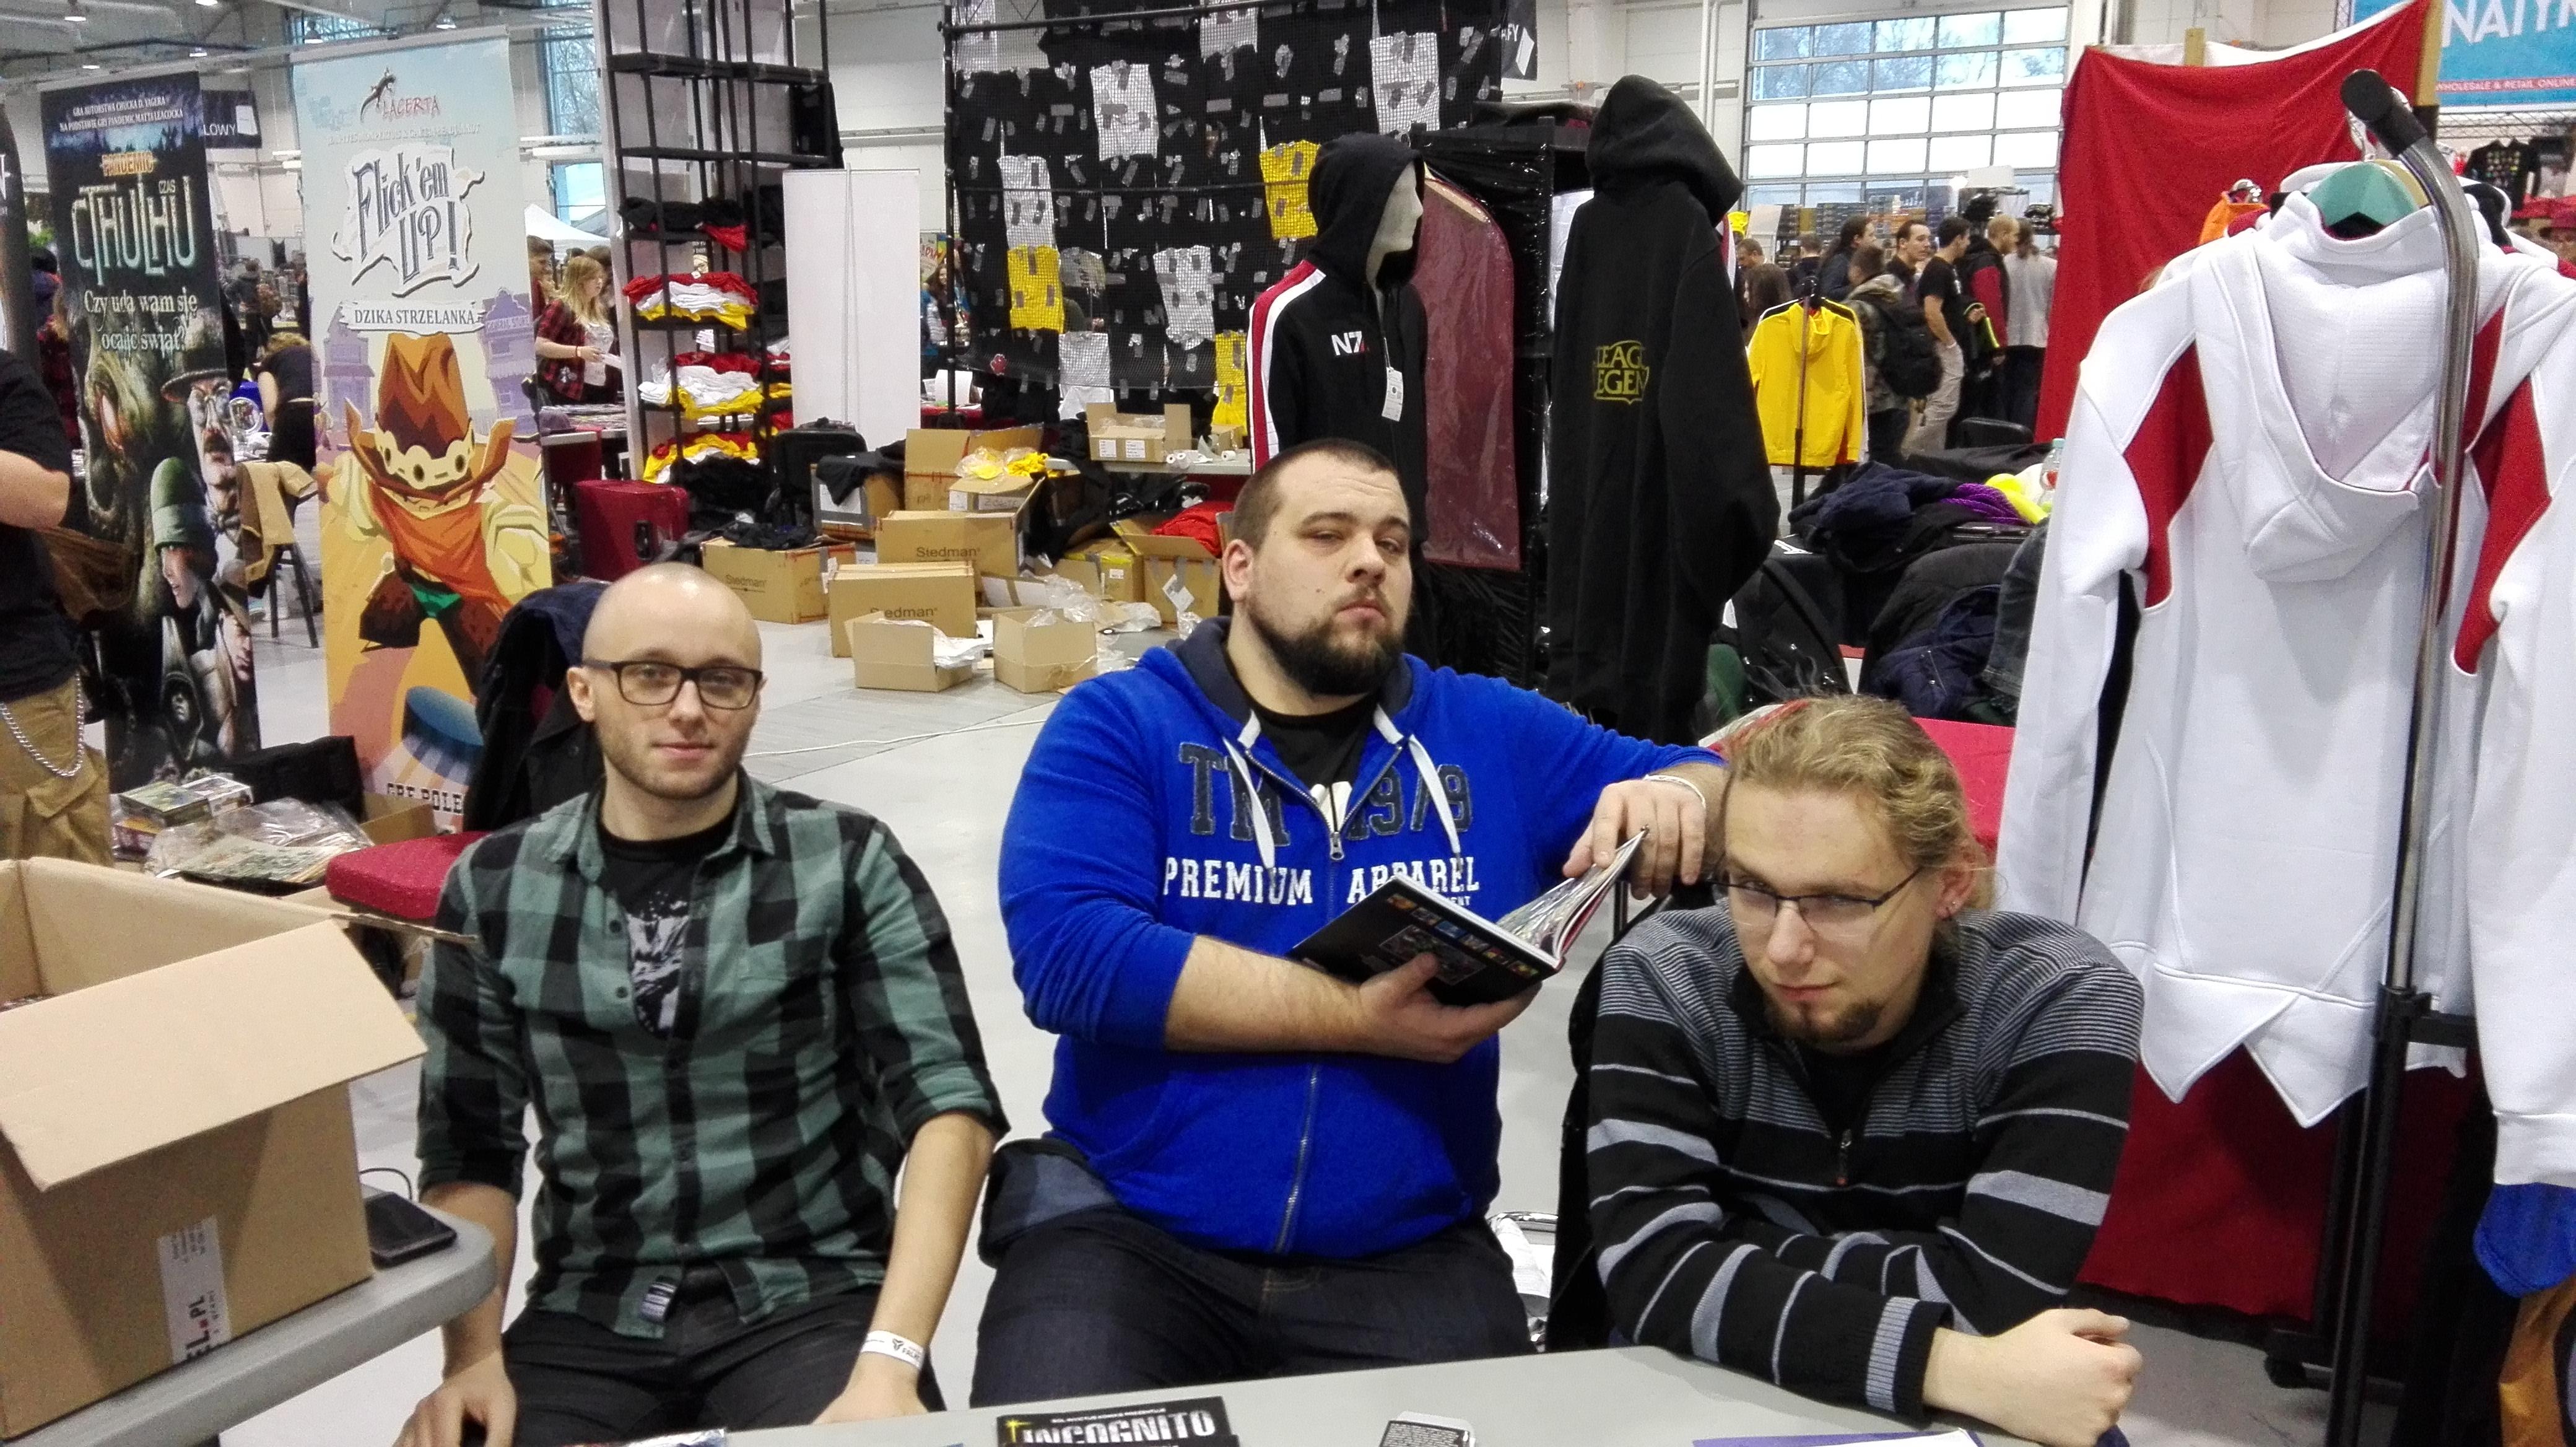 Fakon 2016 - Autorzy polskich komiksów Lis i Incognito